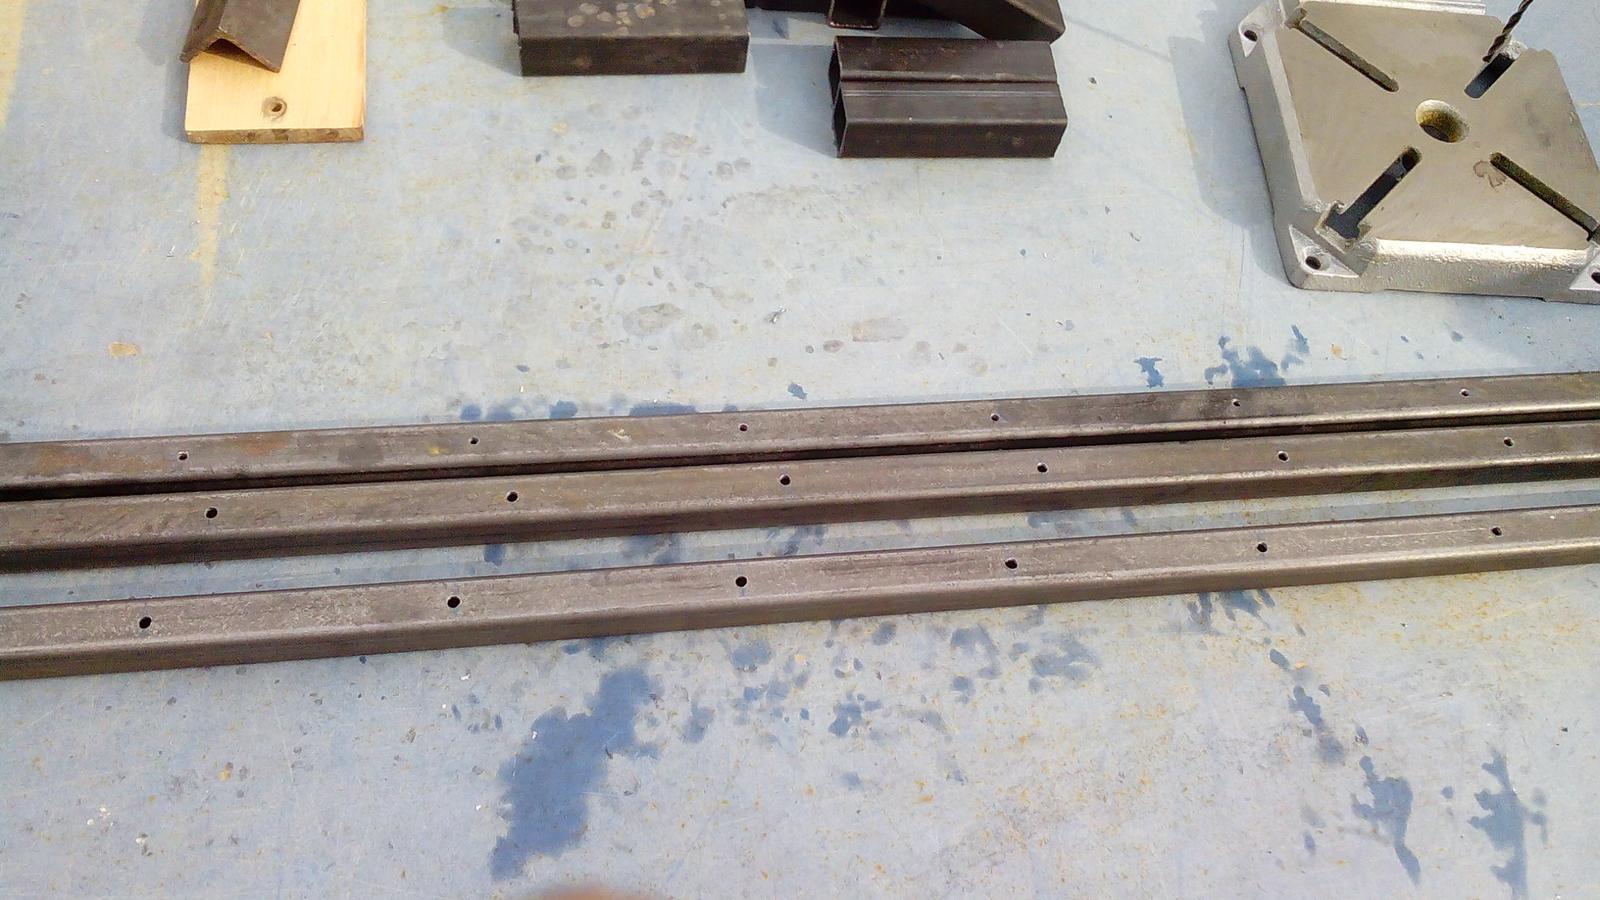 Dlhé stolárske svorky - V rozostupe 10cm som navŕtal diery priemeru 6,5mm na zaisťovacie kolíky